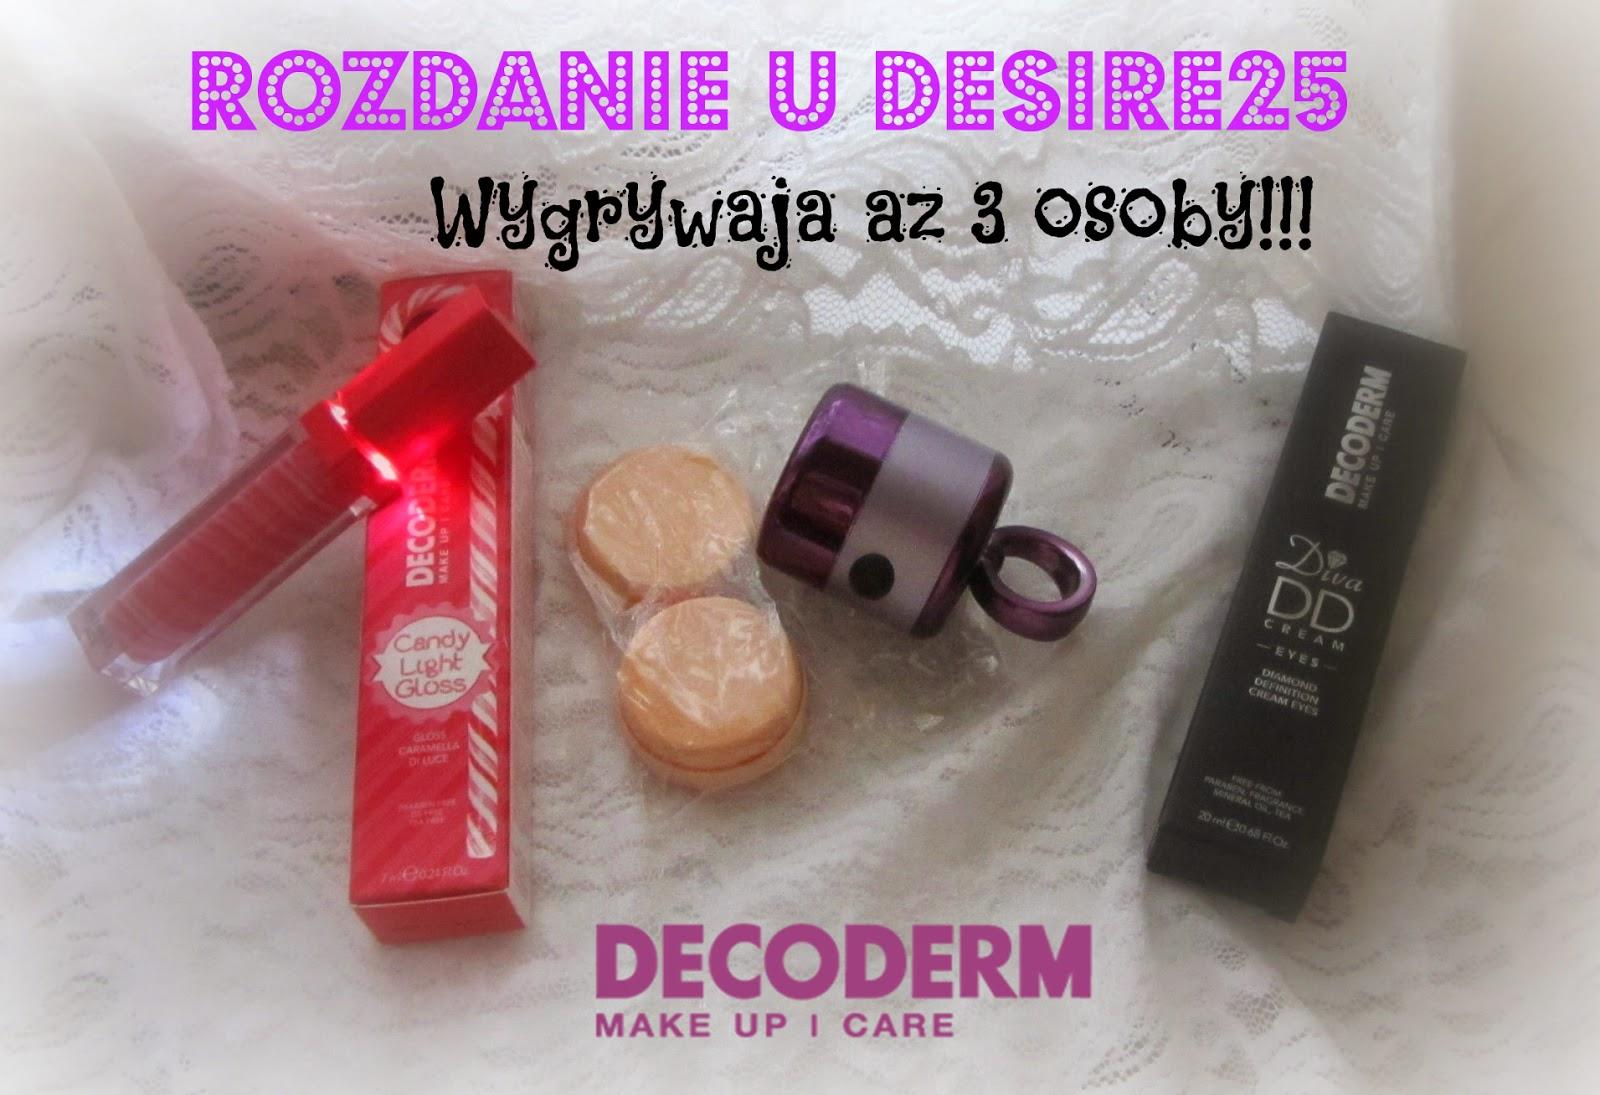 http://desire25.blogspot.com/2014/12/swiateczne-rozdanie-poznaj-marke.html